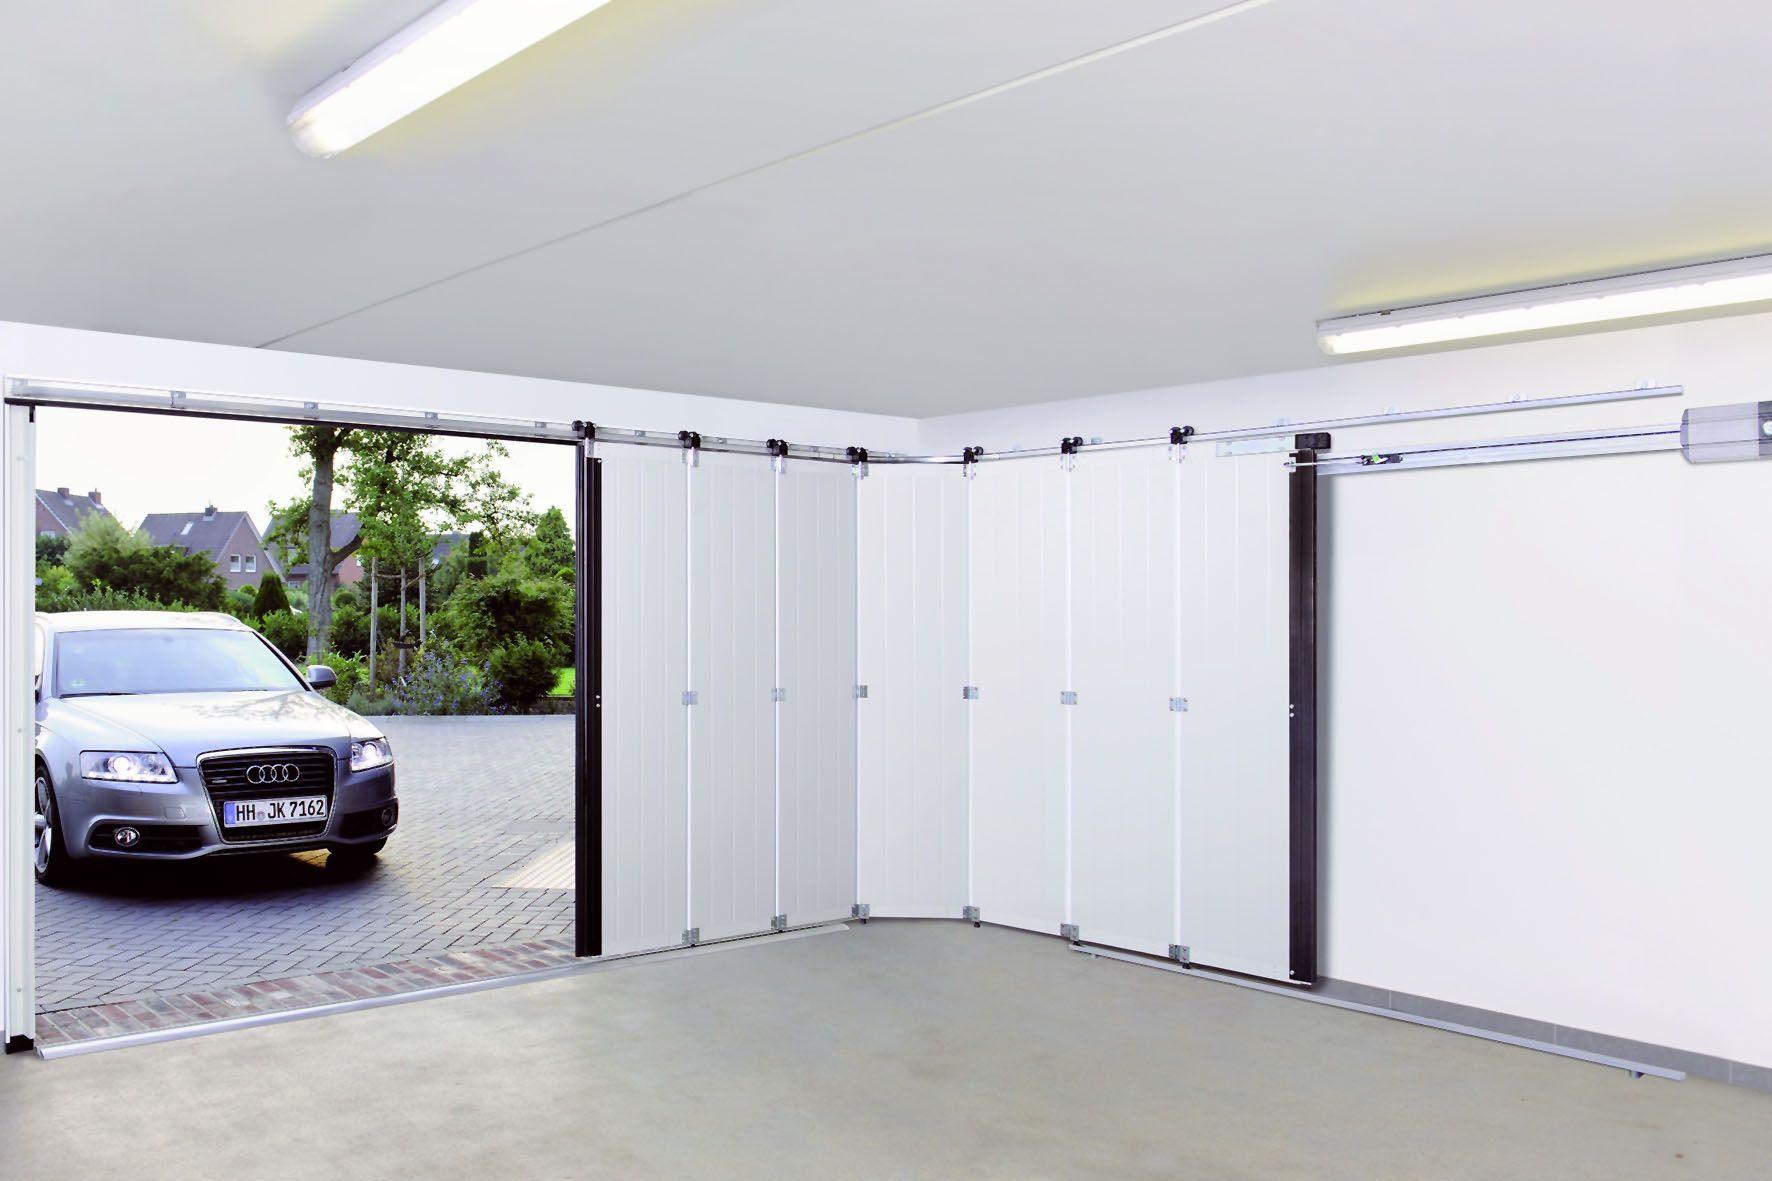 Parkingdoor abre la puerta del garaje desde el m vil for Garaje de ideas